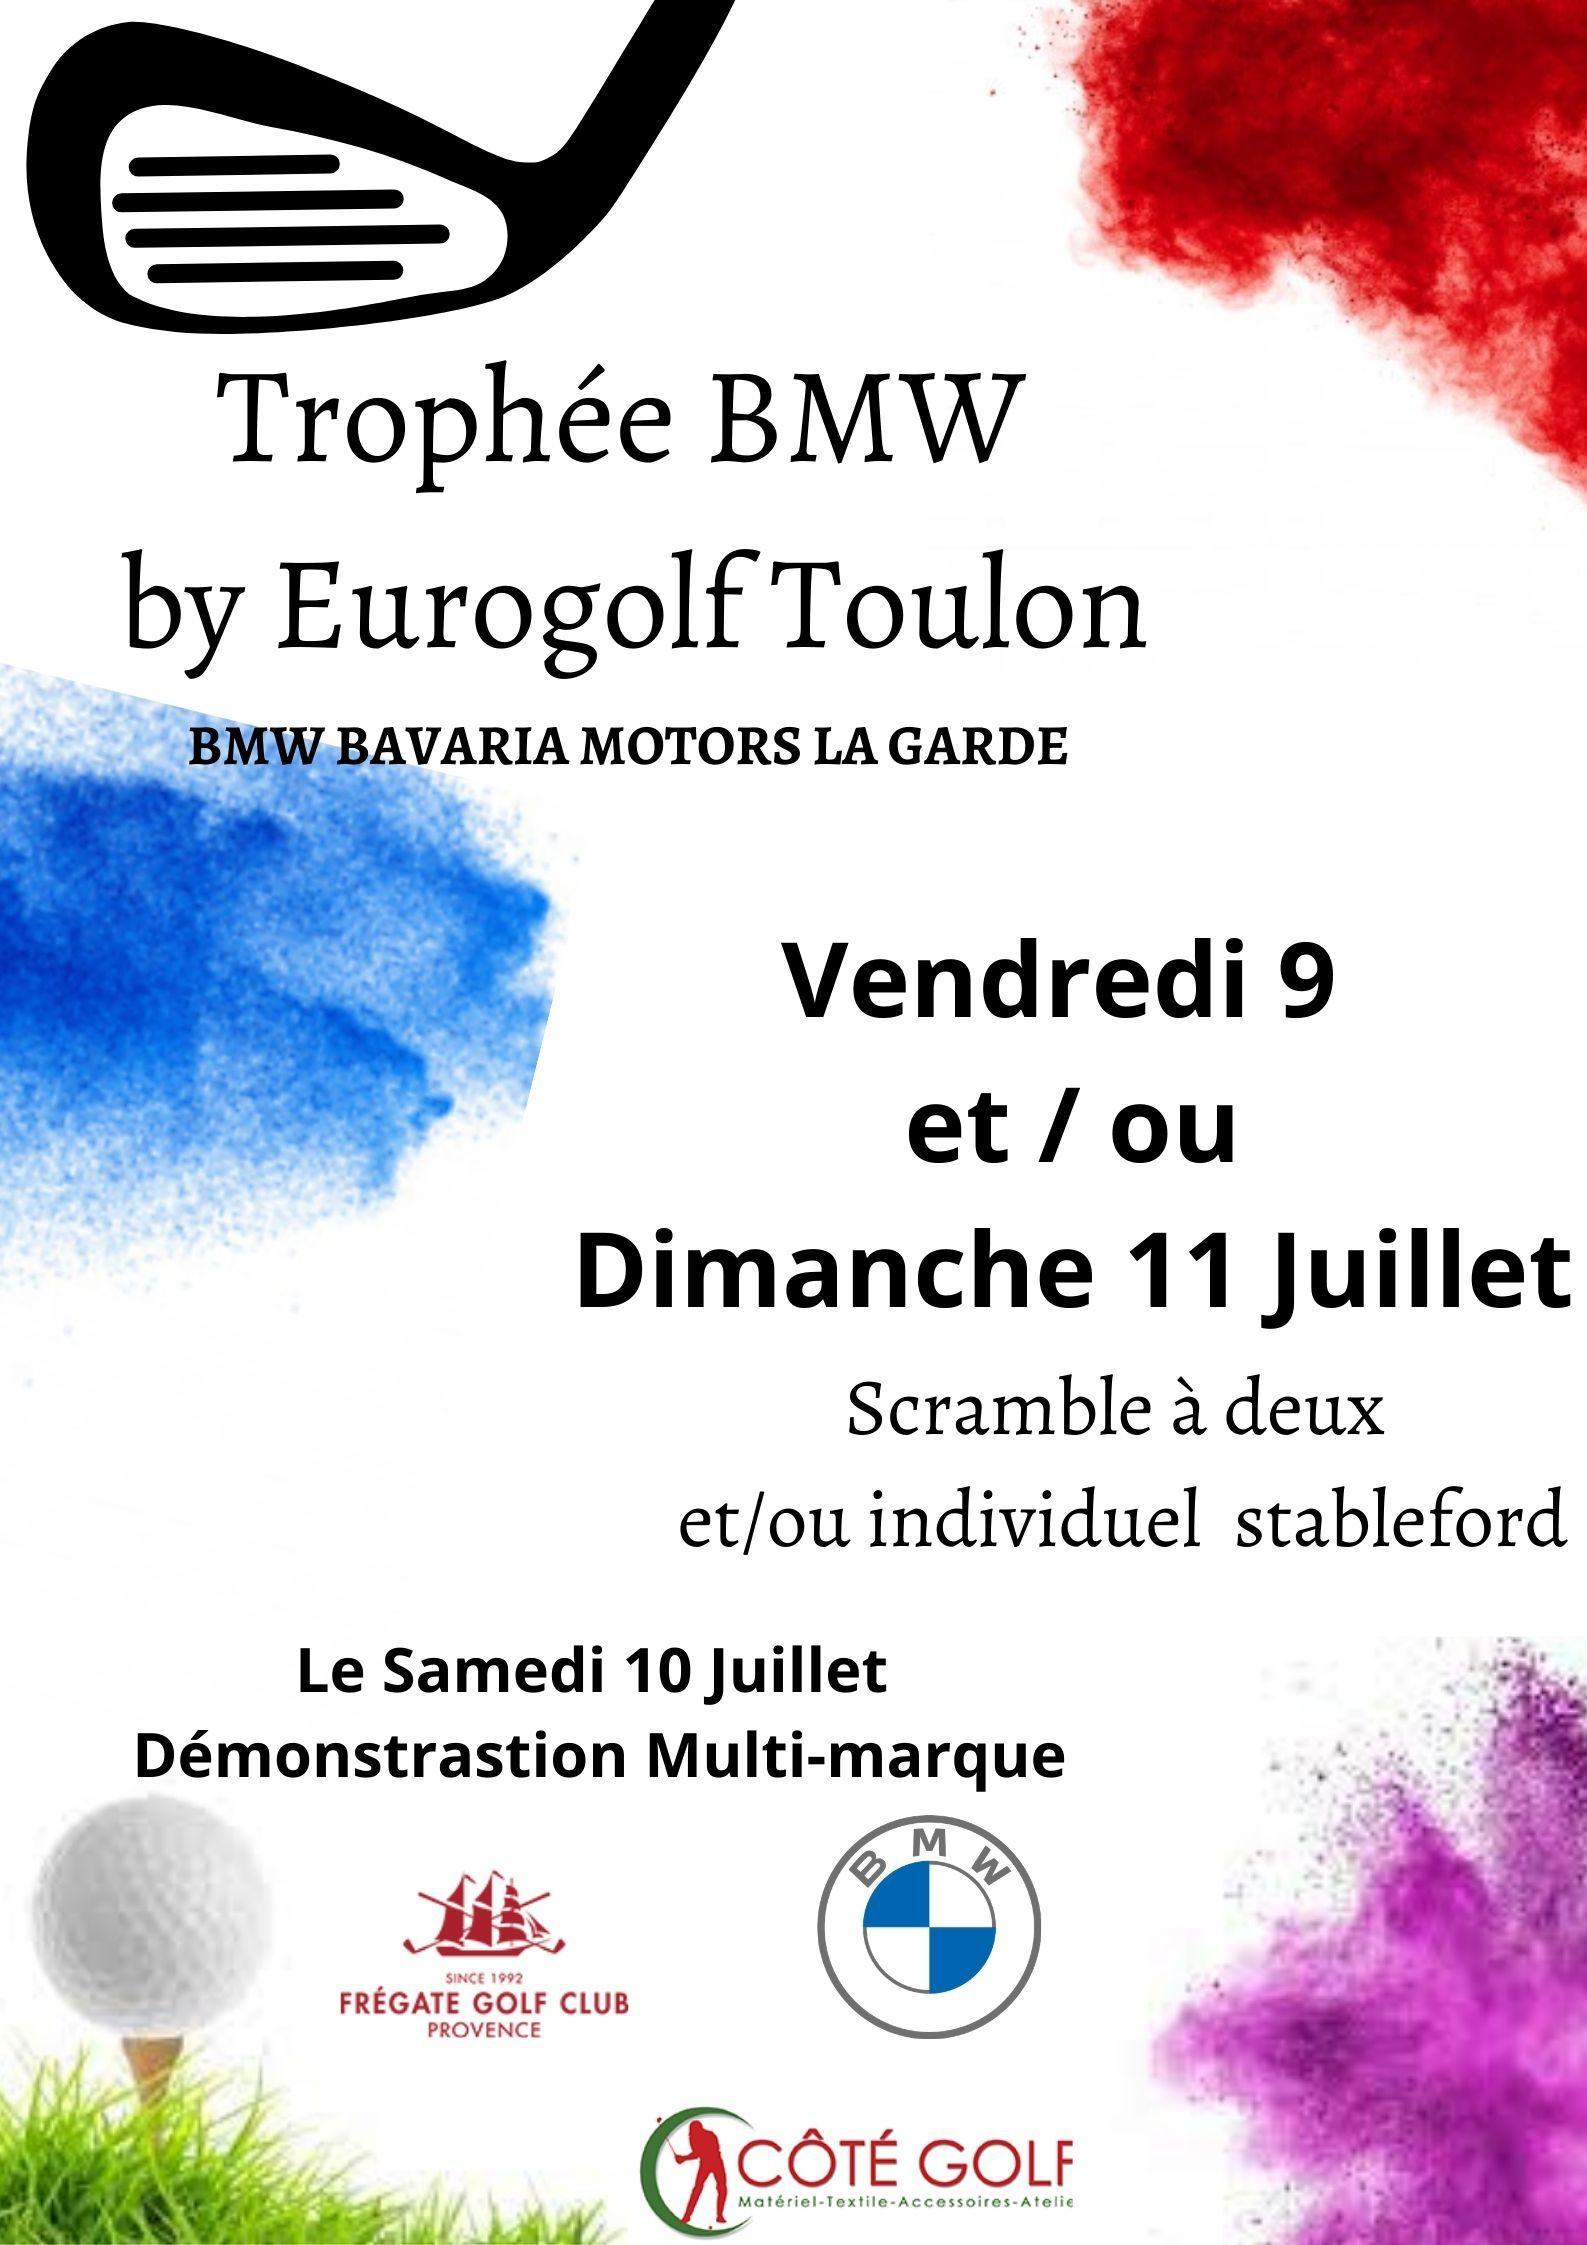 Trophée BMW by Eurogolf Toulon